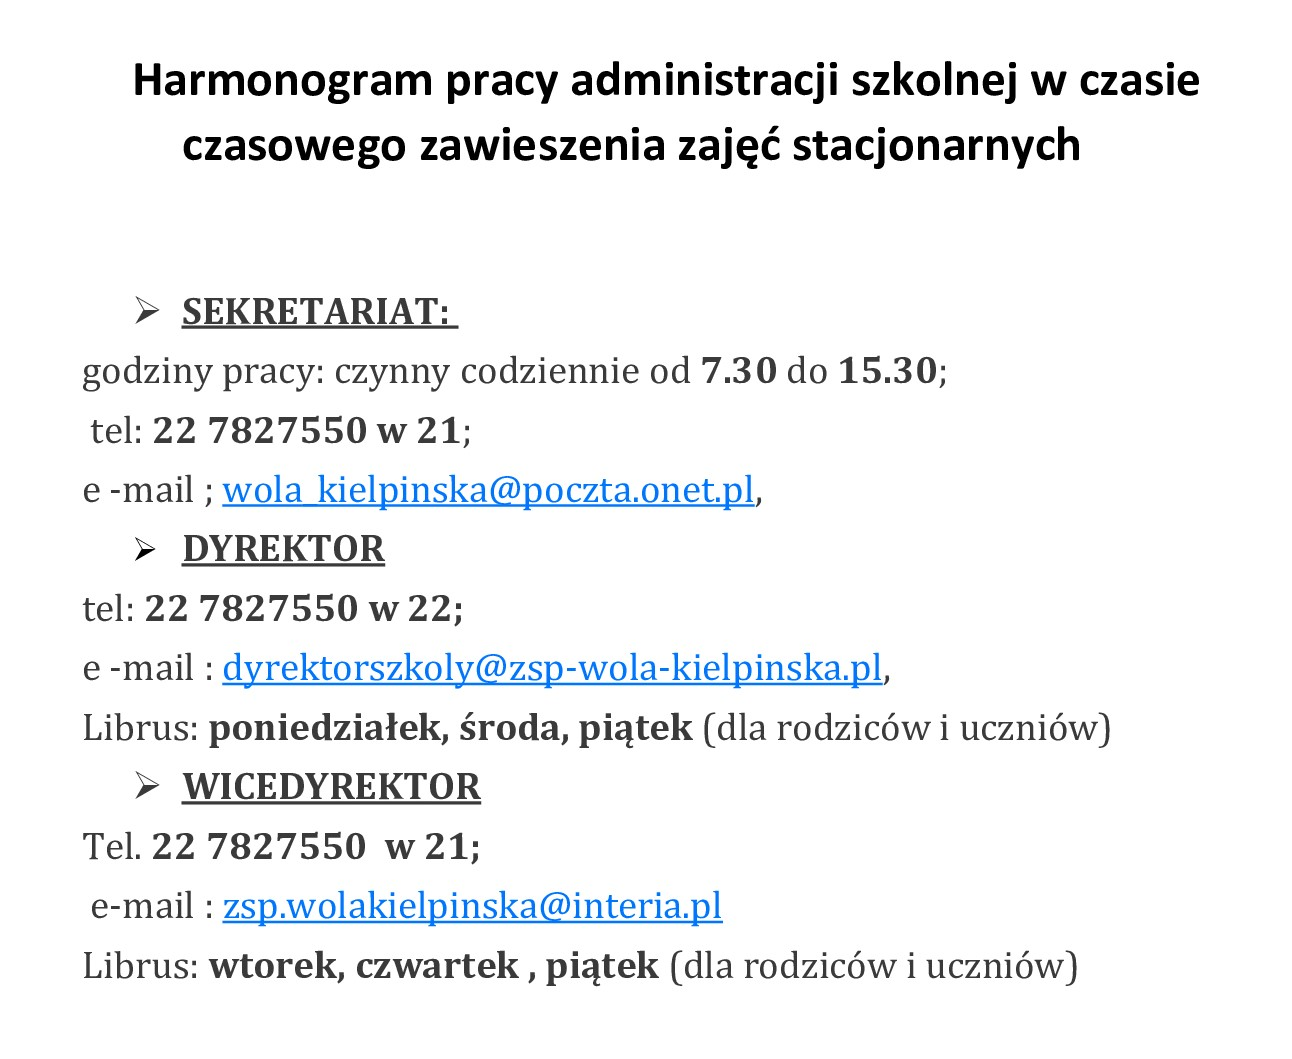 Harmonogram pracy administracji szkolnej